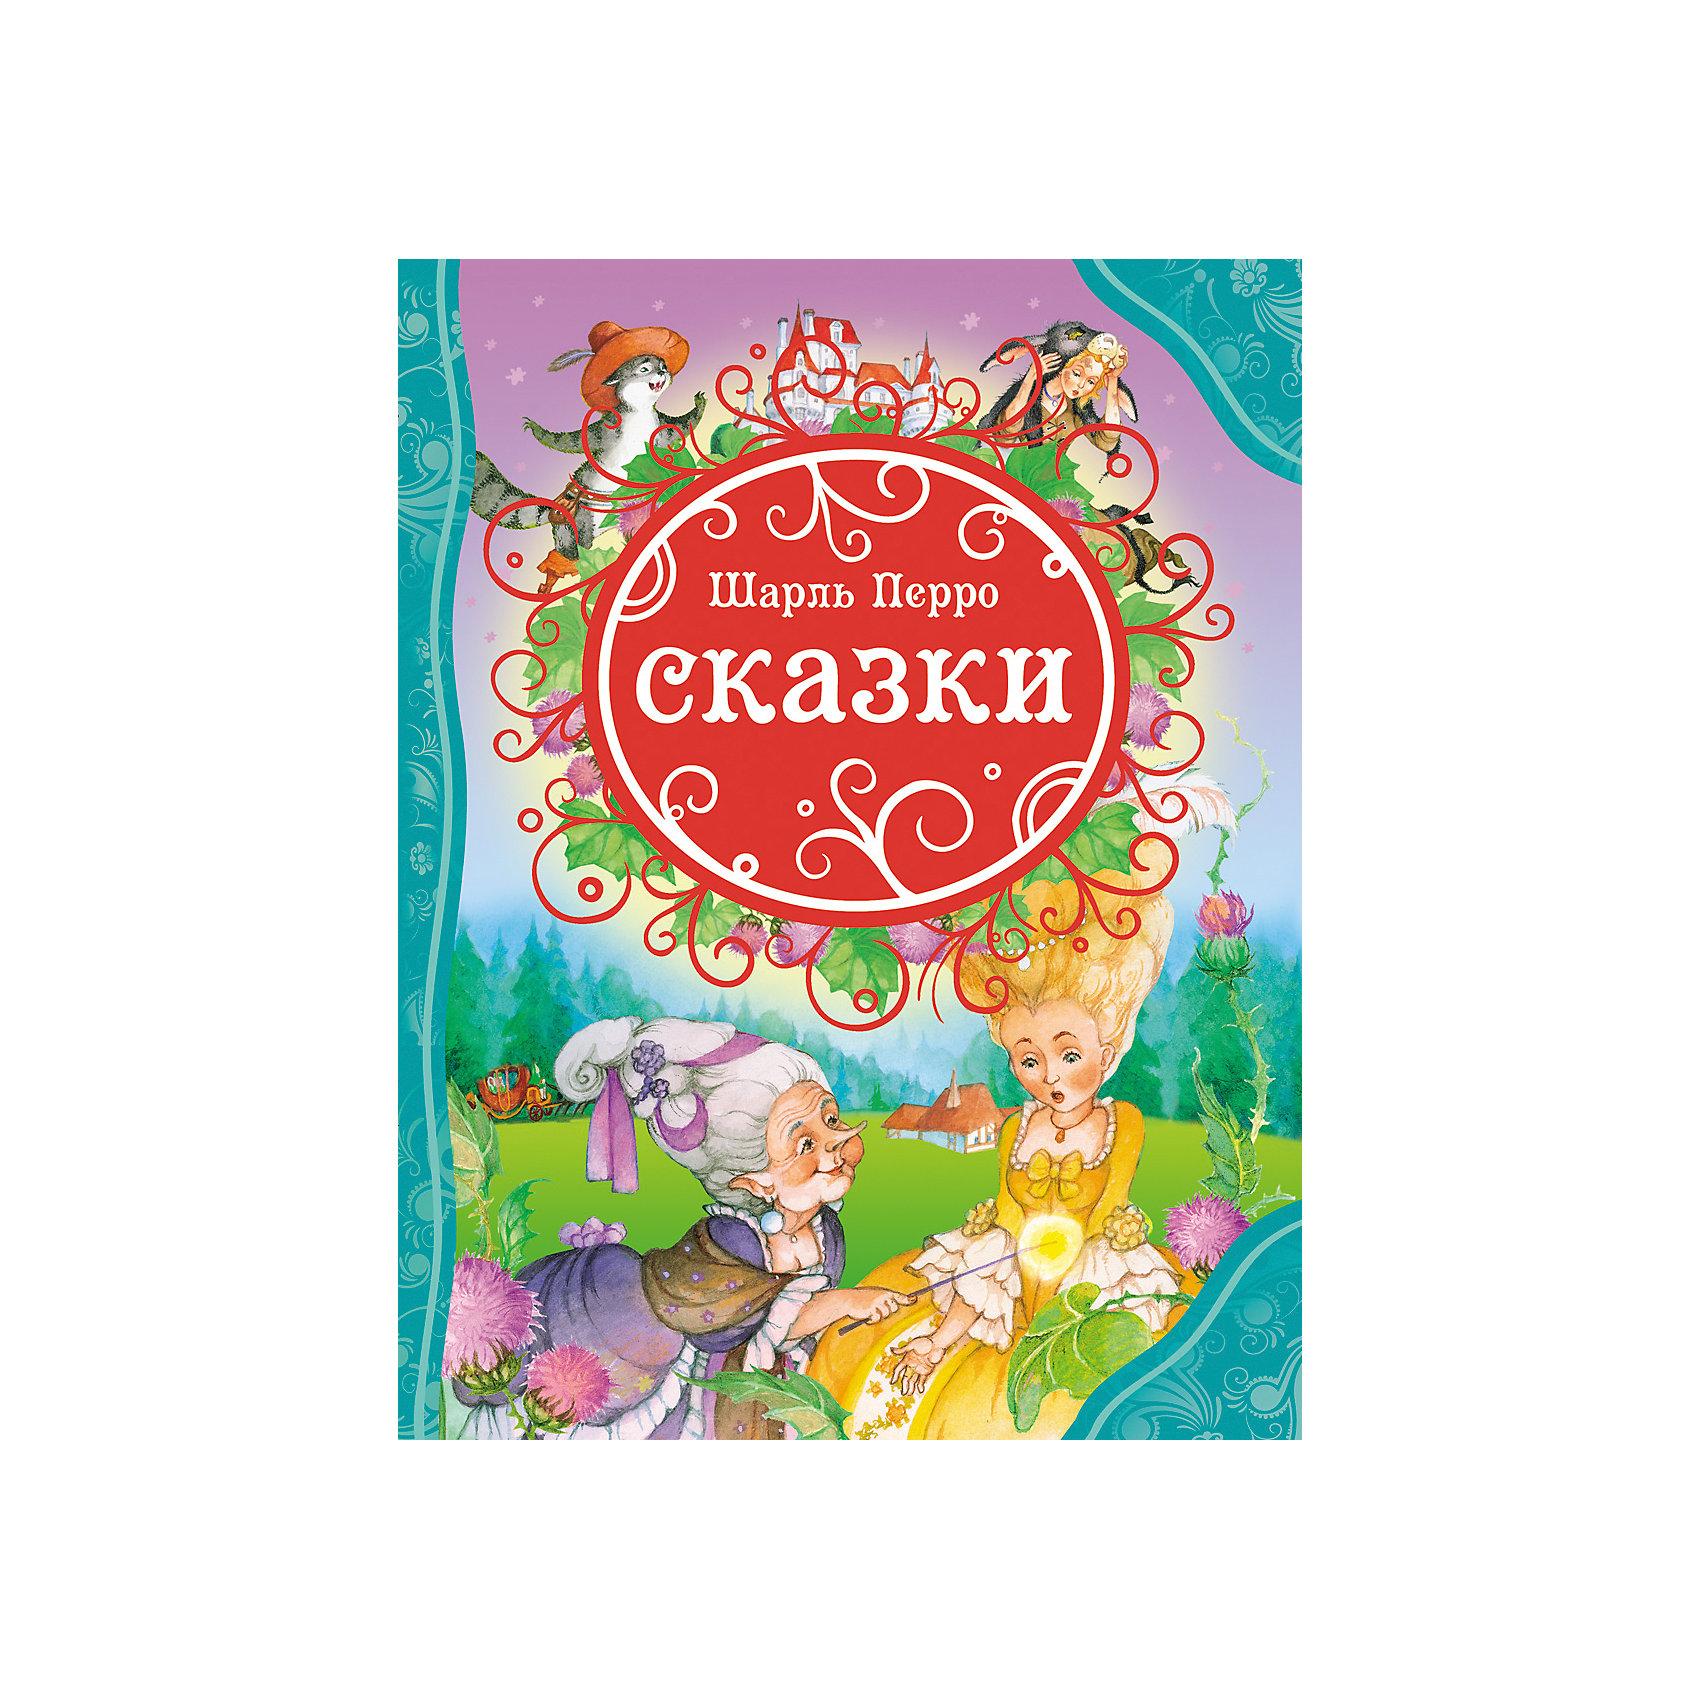 Росмэн Сказки, Ш. Перро купить ш лк в пхукете